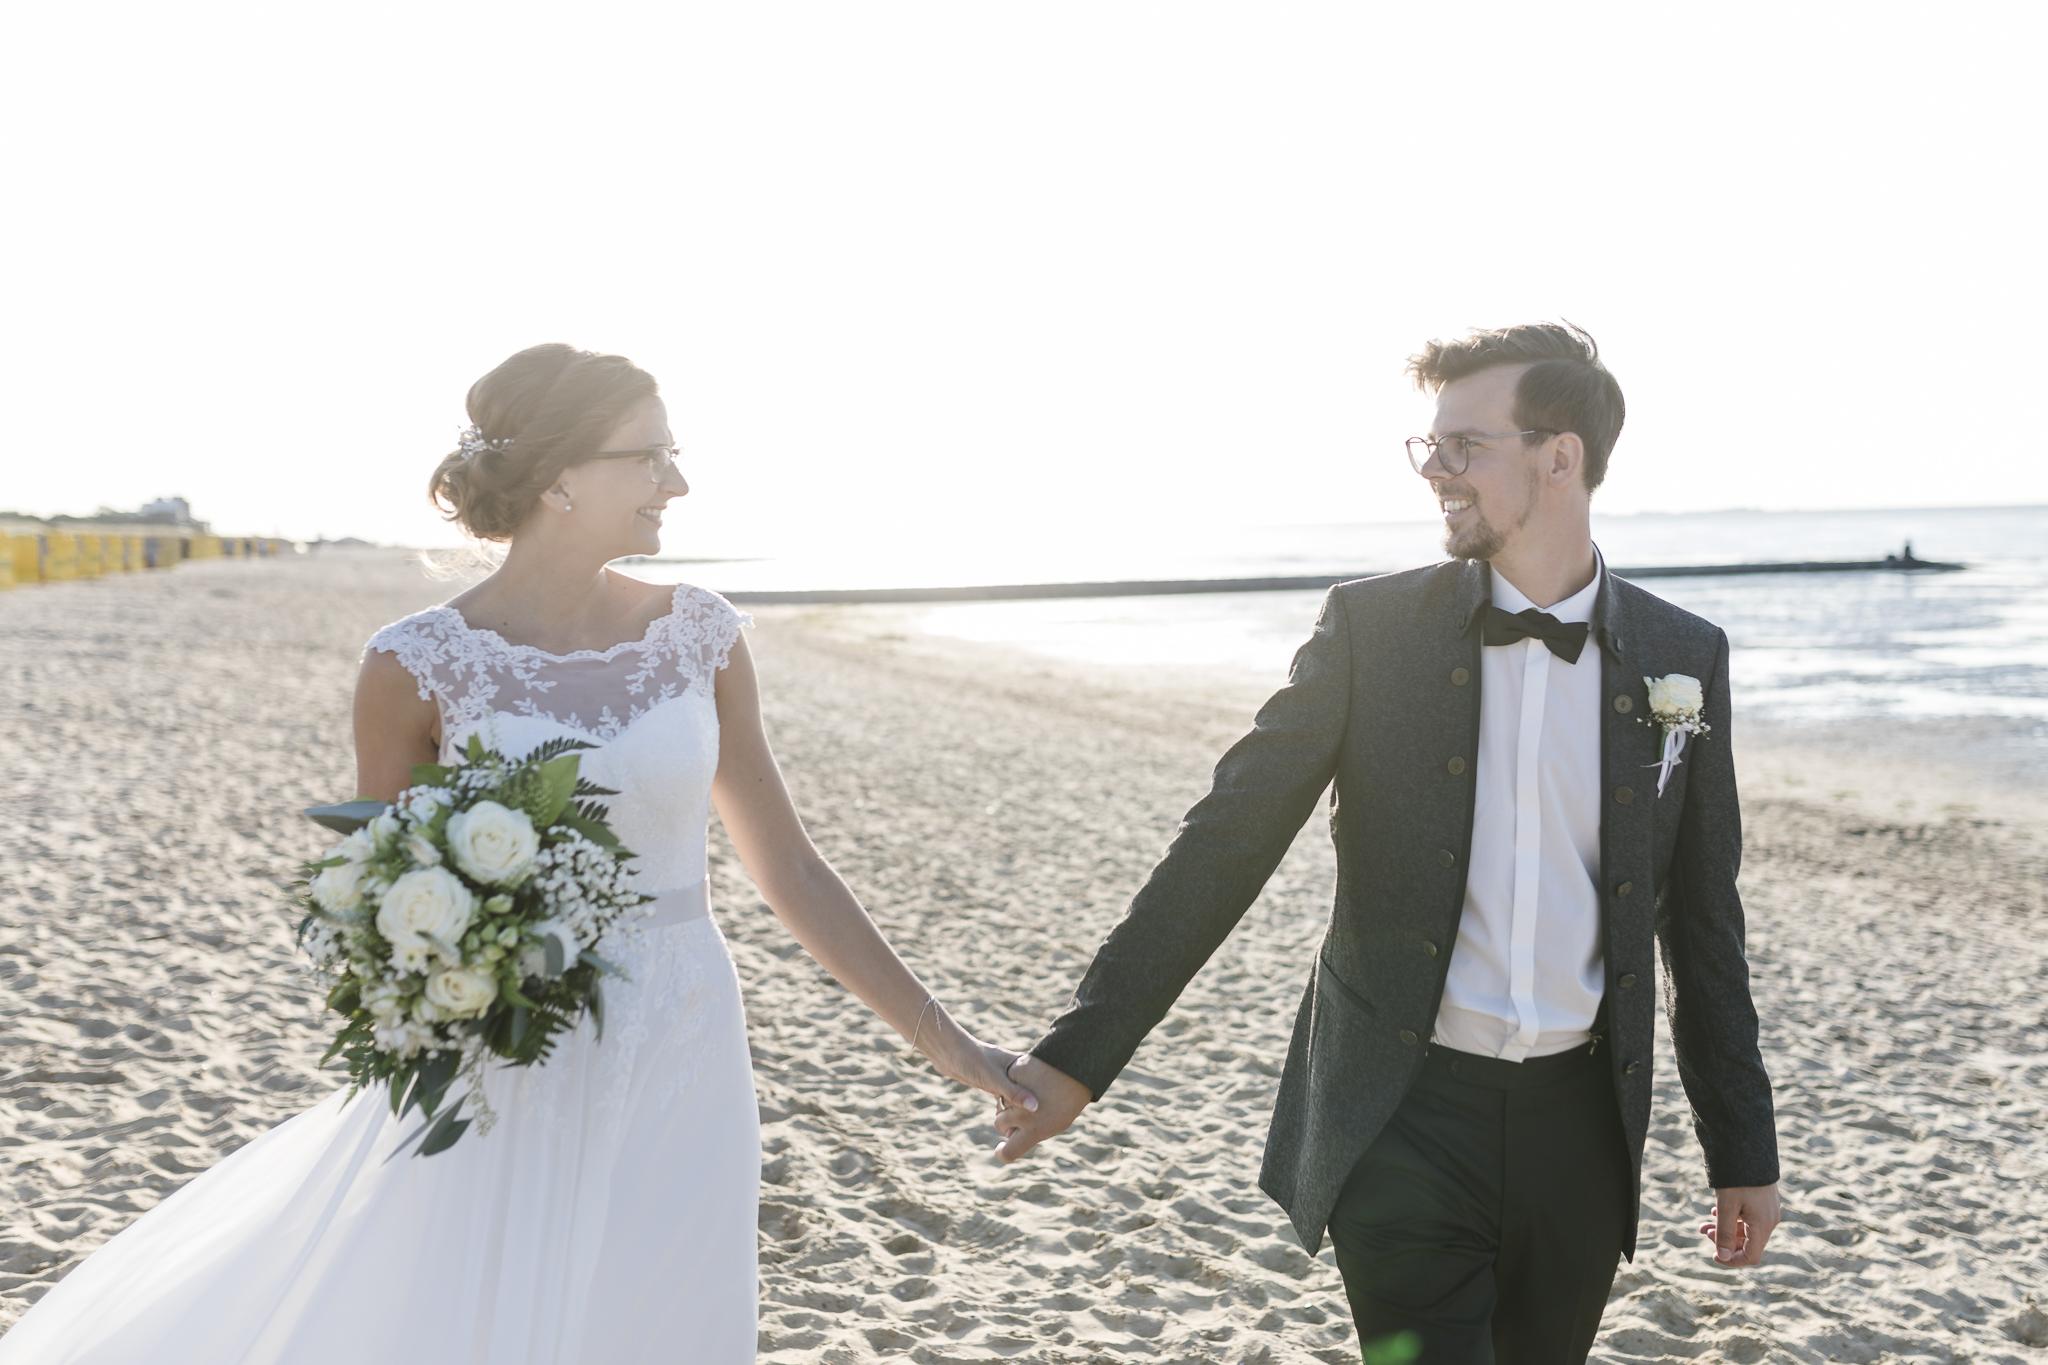 das Brautpaar geht Hand in Hand den Strand entlang